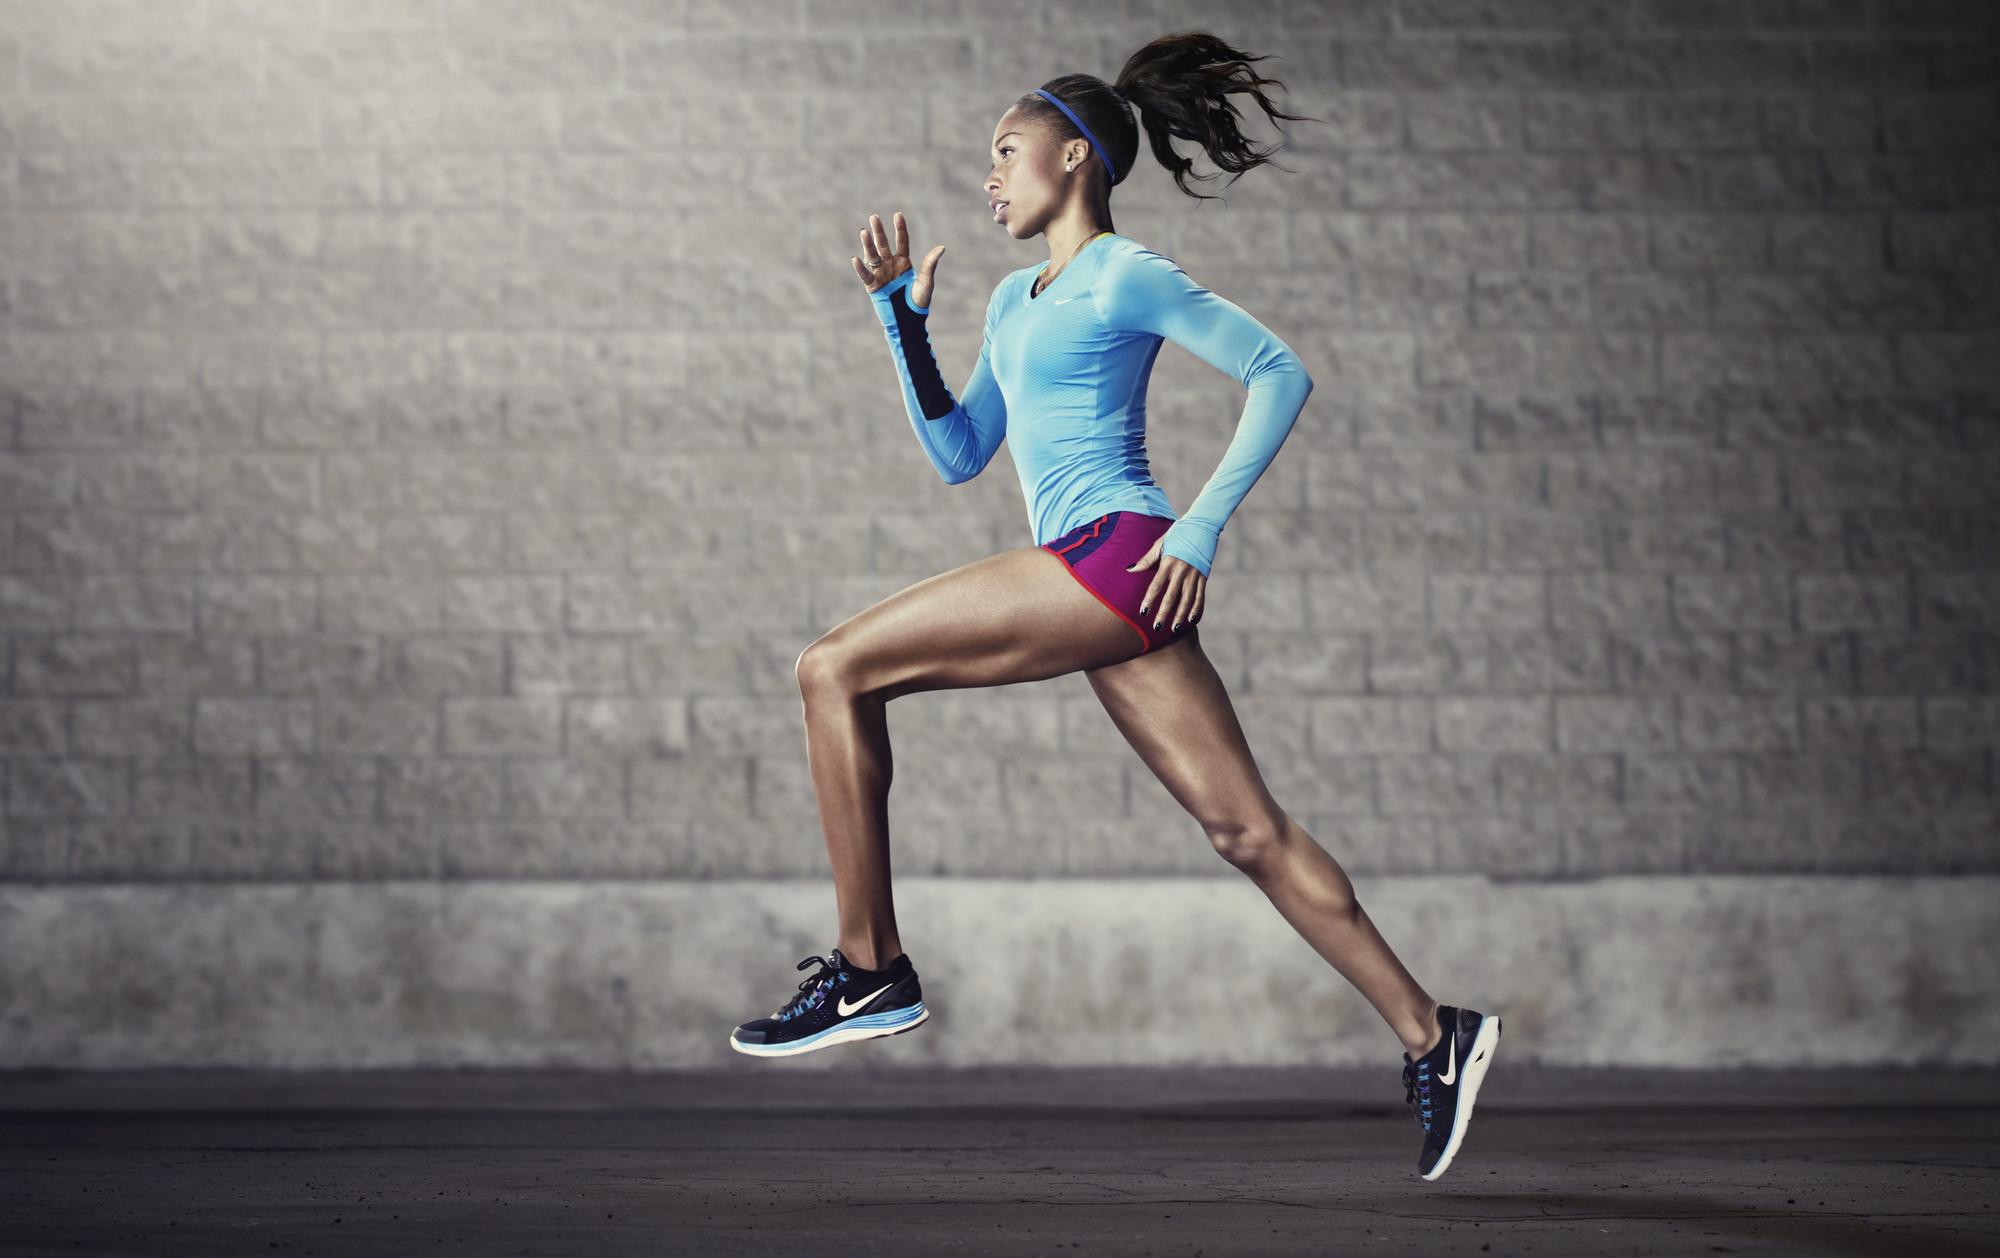 Mulher correndo com tênis da Nike